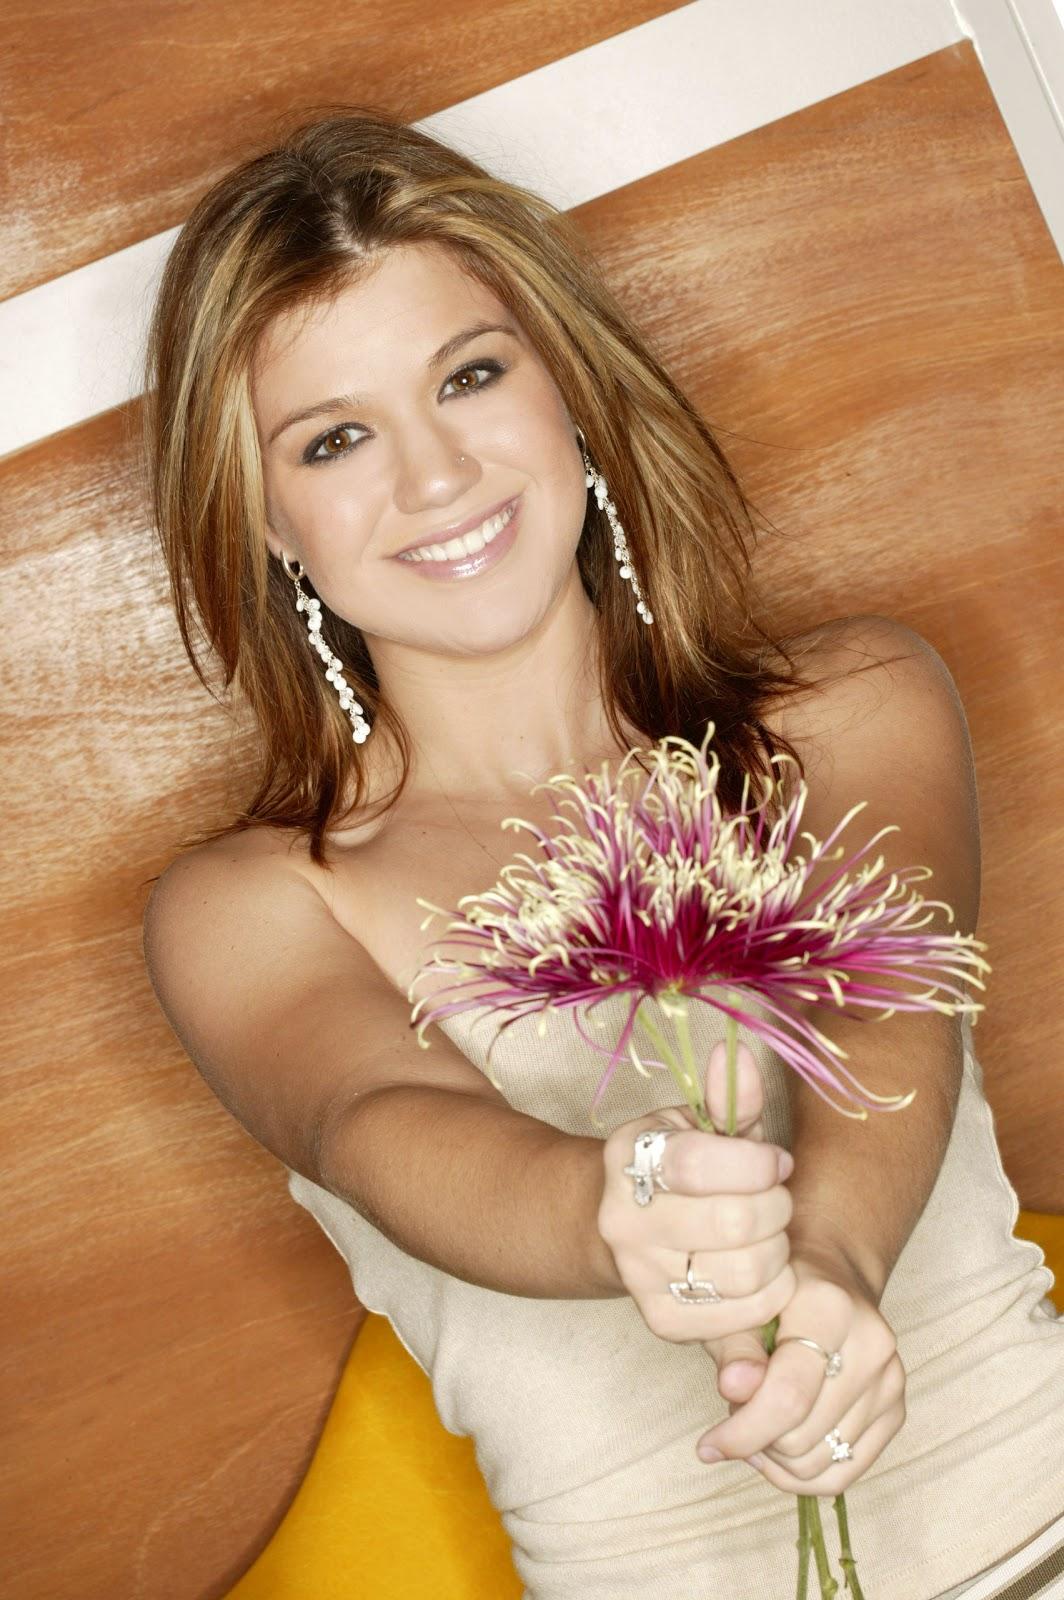 http://3.bp.blogspot.com/-kdCiegGEyuI/TlDf3eN8sYI/AAAAAAAAAAw/eDztSIVrSAw/s1600/Kelly-Clarkson-life-style-2011-07-american-singer-and-actress.jpg